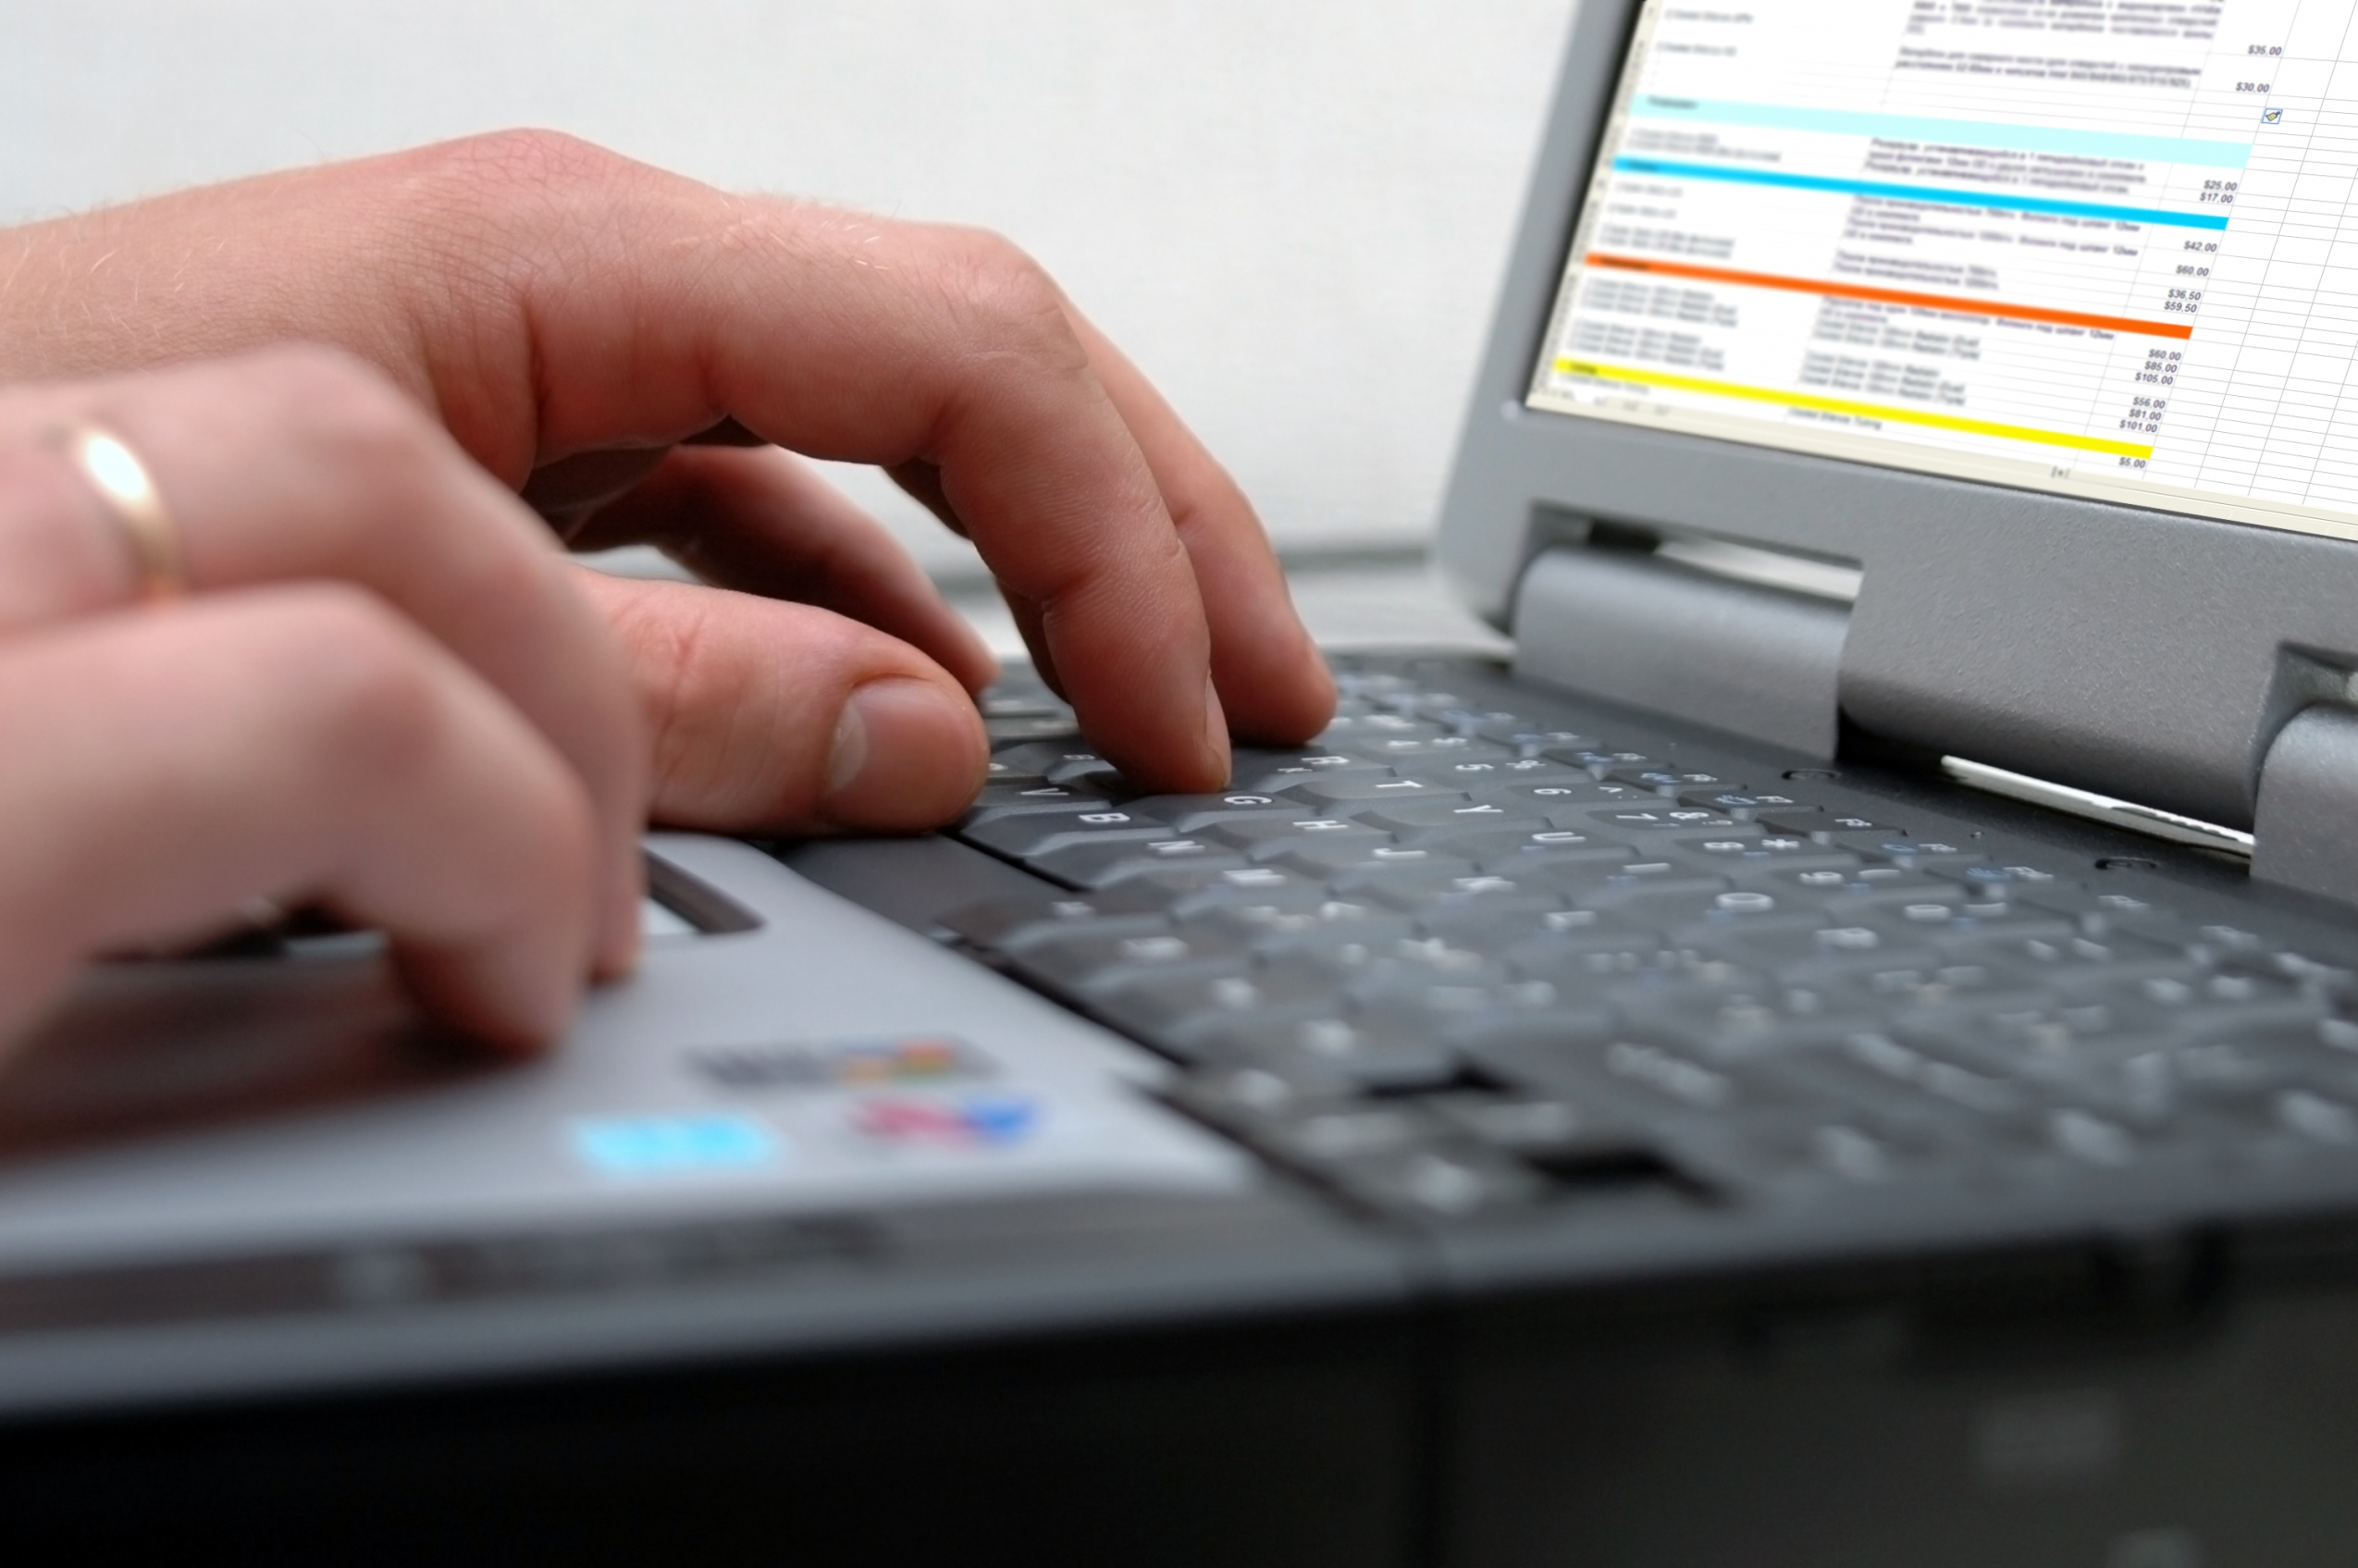 Estonia permitirá a sus habitantes obtener un residencia virtual con la que podrán realizar todos los trámites posibles desde su casa.